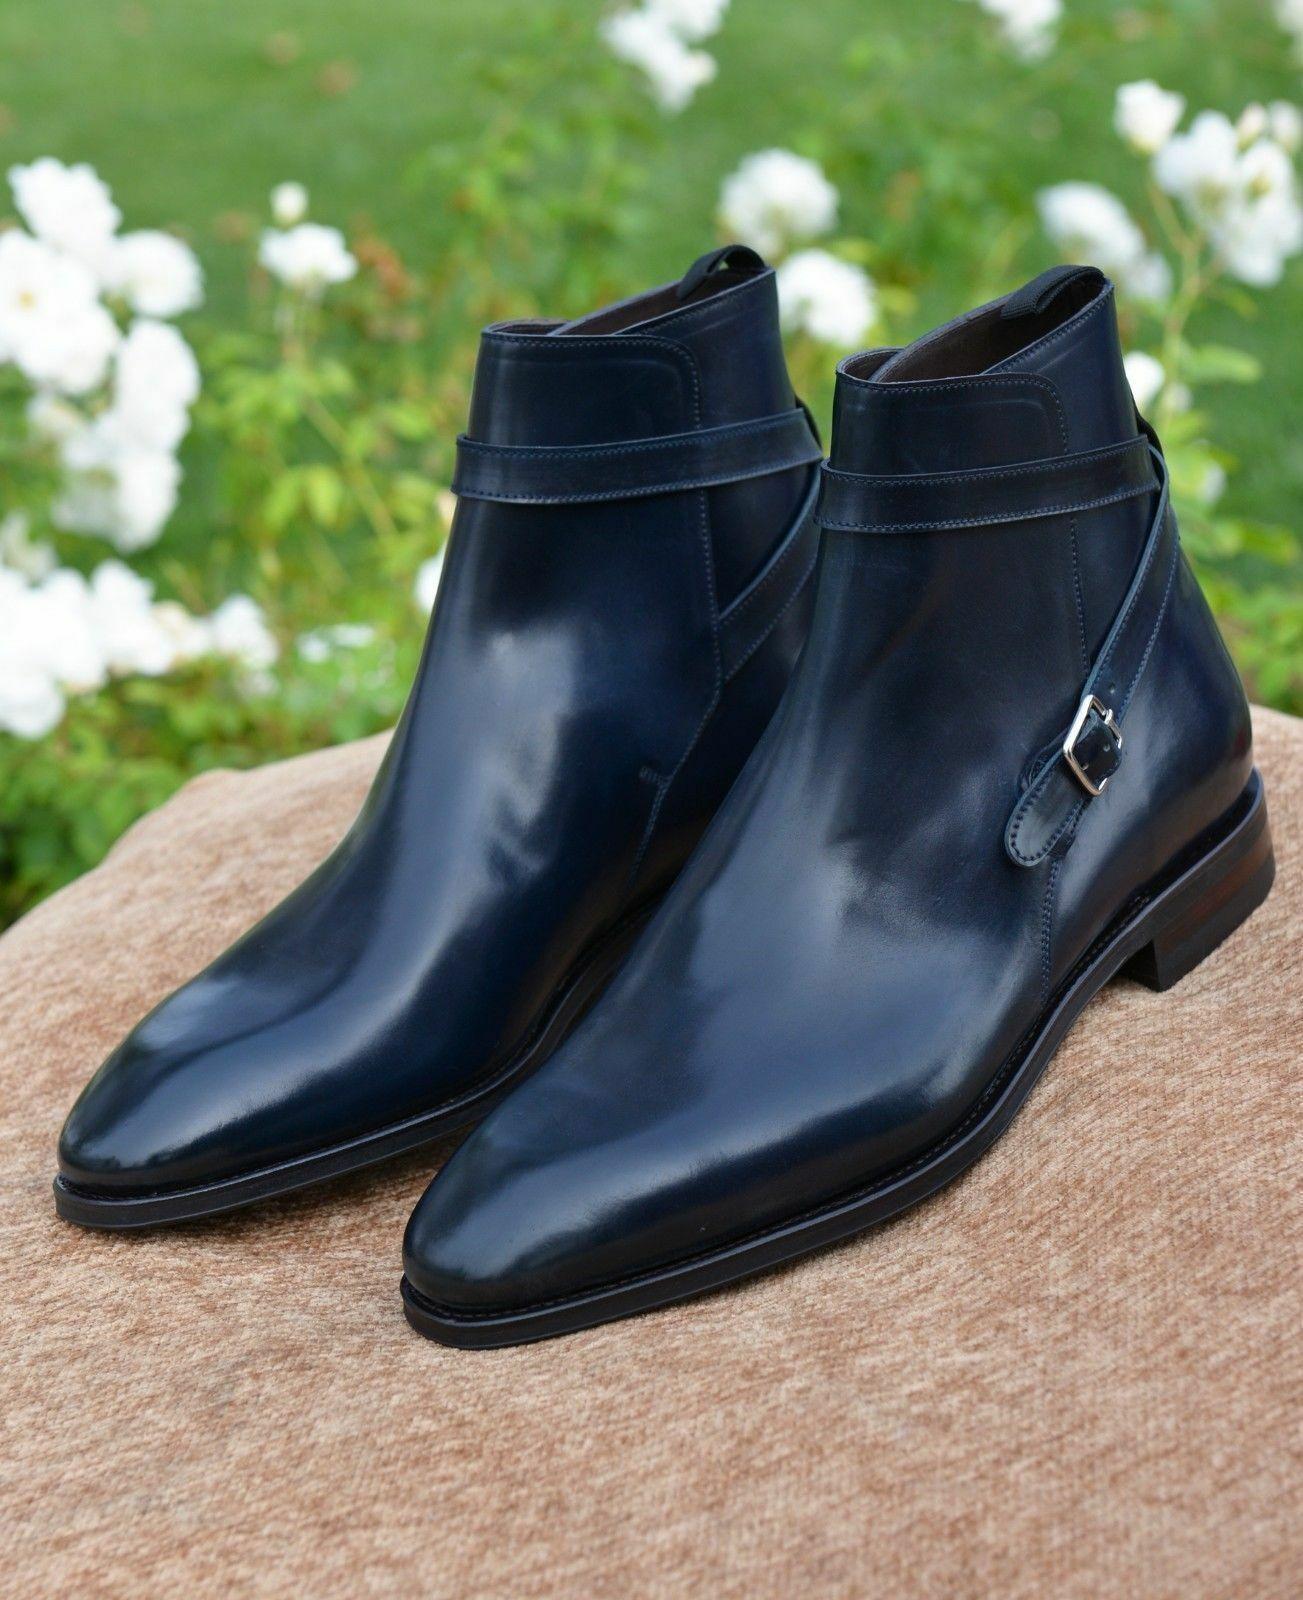 botas para hombre hecho a mano Vestido Formal De Piel Azul Marino Pantalones Ropa Casual Zapato Nuevo